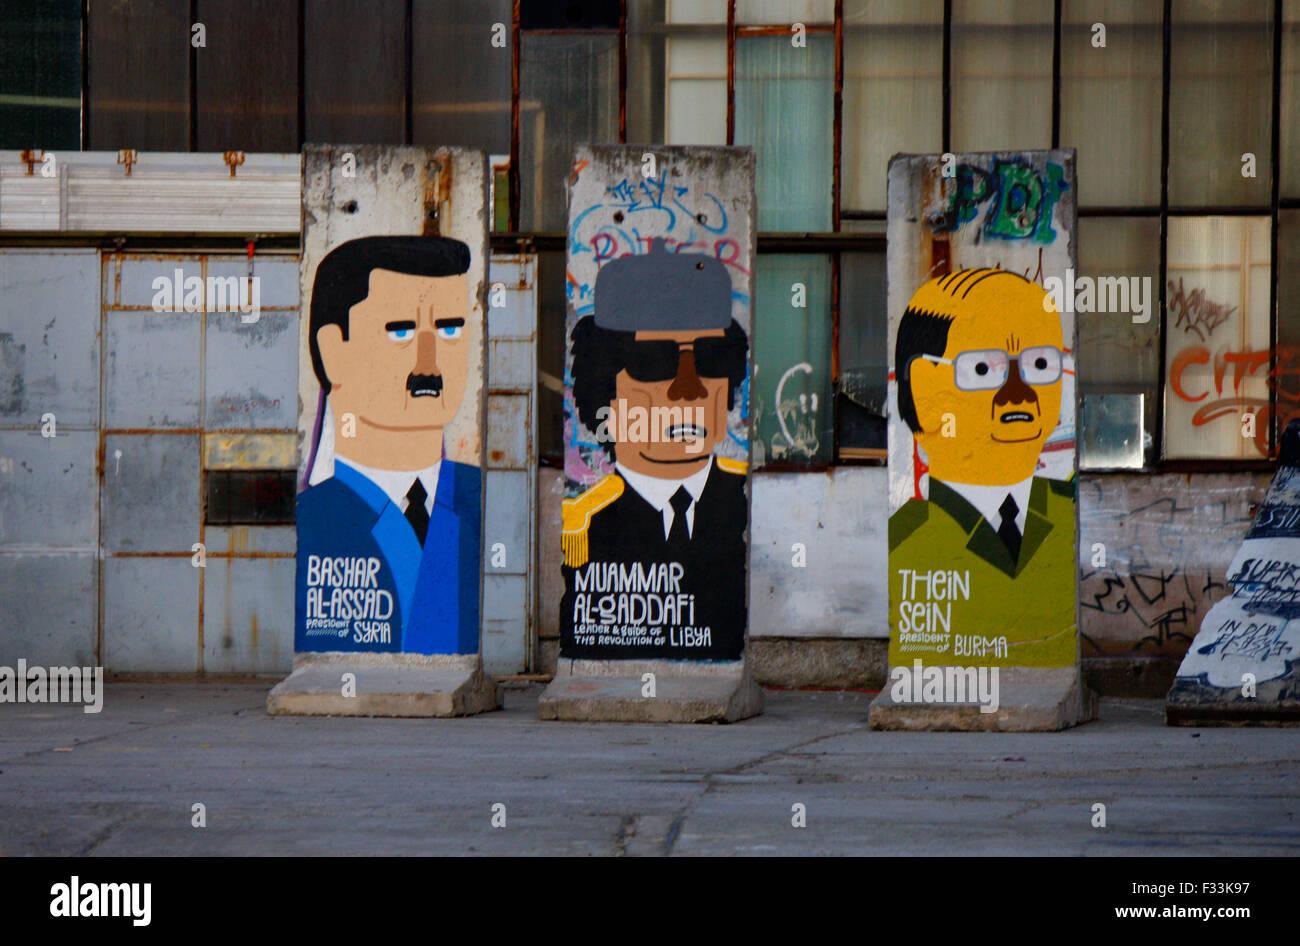 Baschar Hafiz al-Assad (Syrien), Muammar al-Gaddafi (Libyen), Thein Sein (Myanmar/ Laos) - Mauerstuecke, auf die - Stock Image